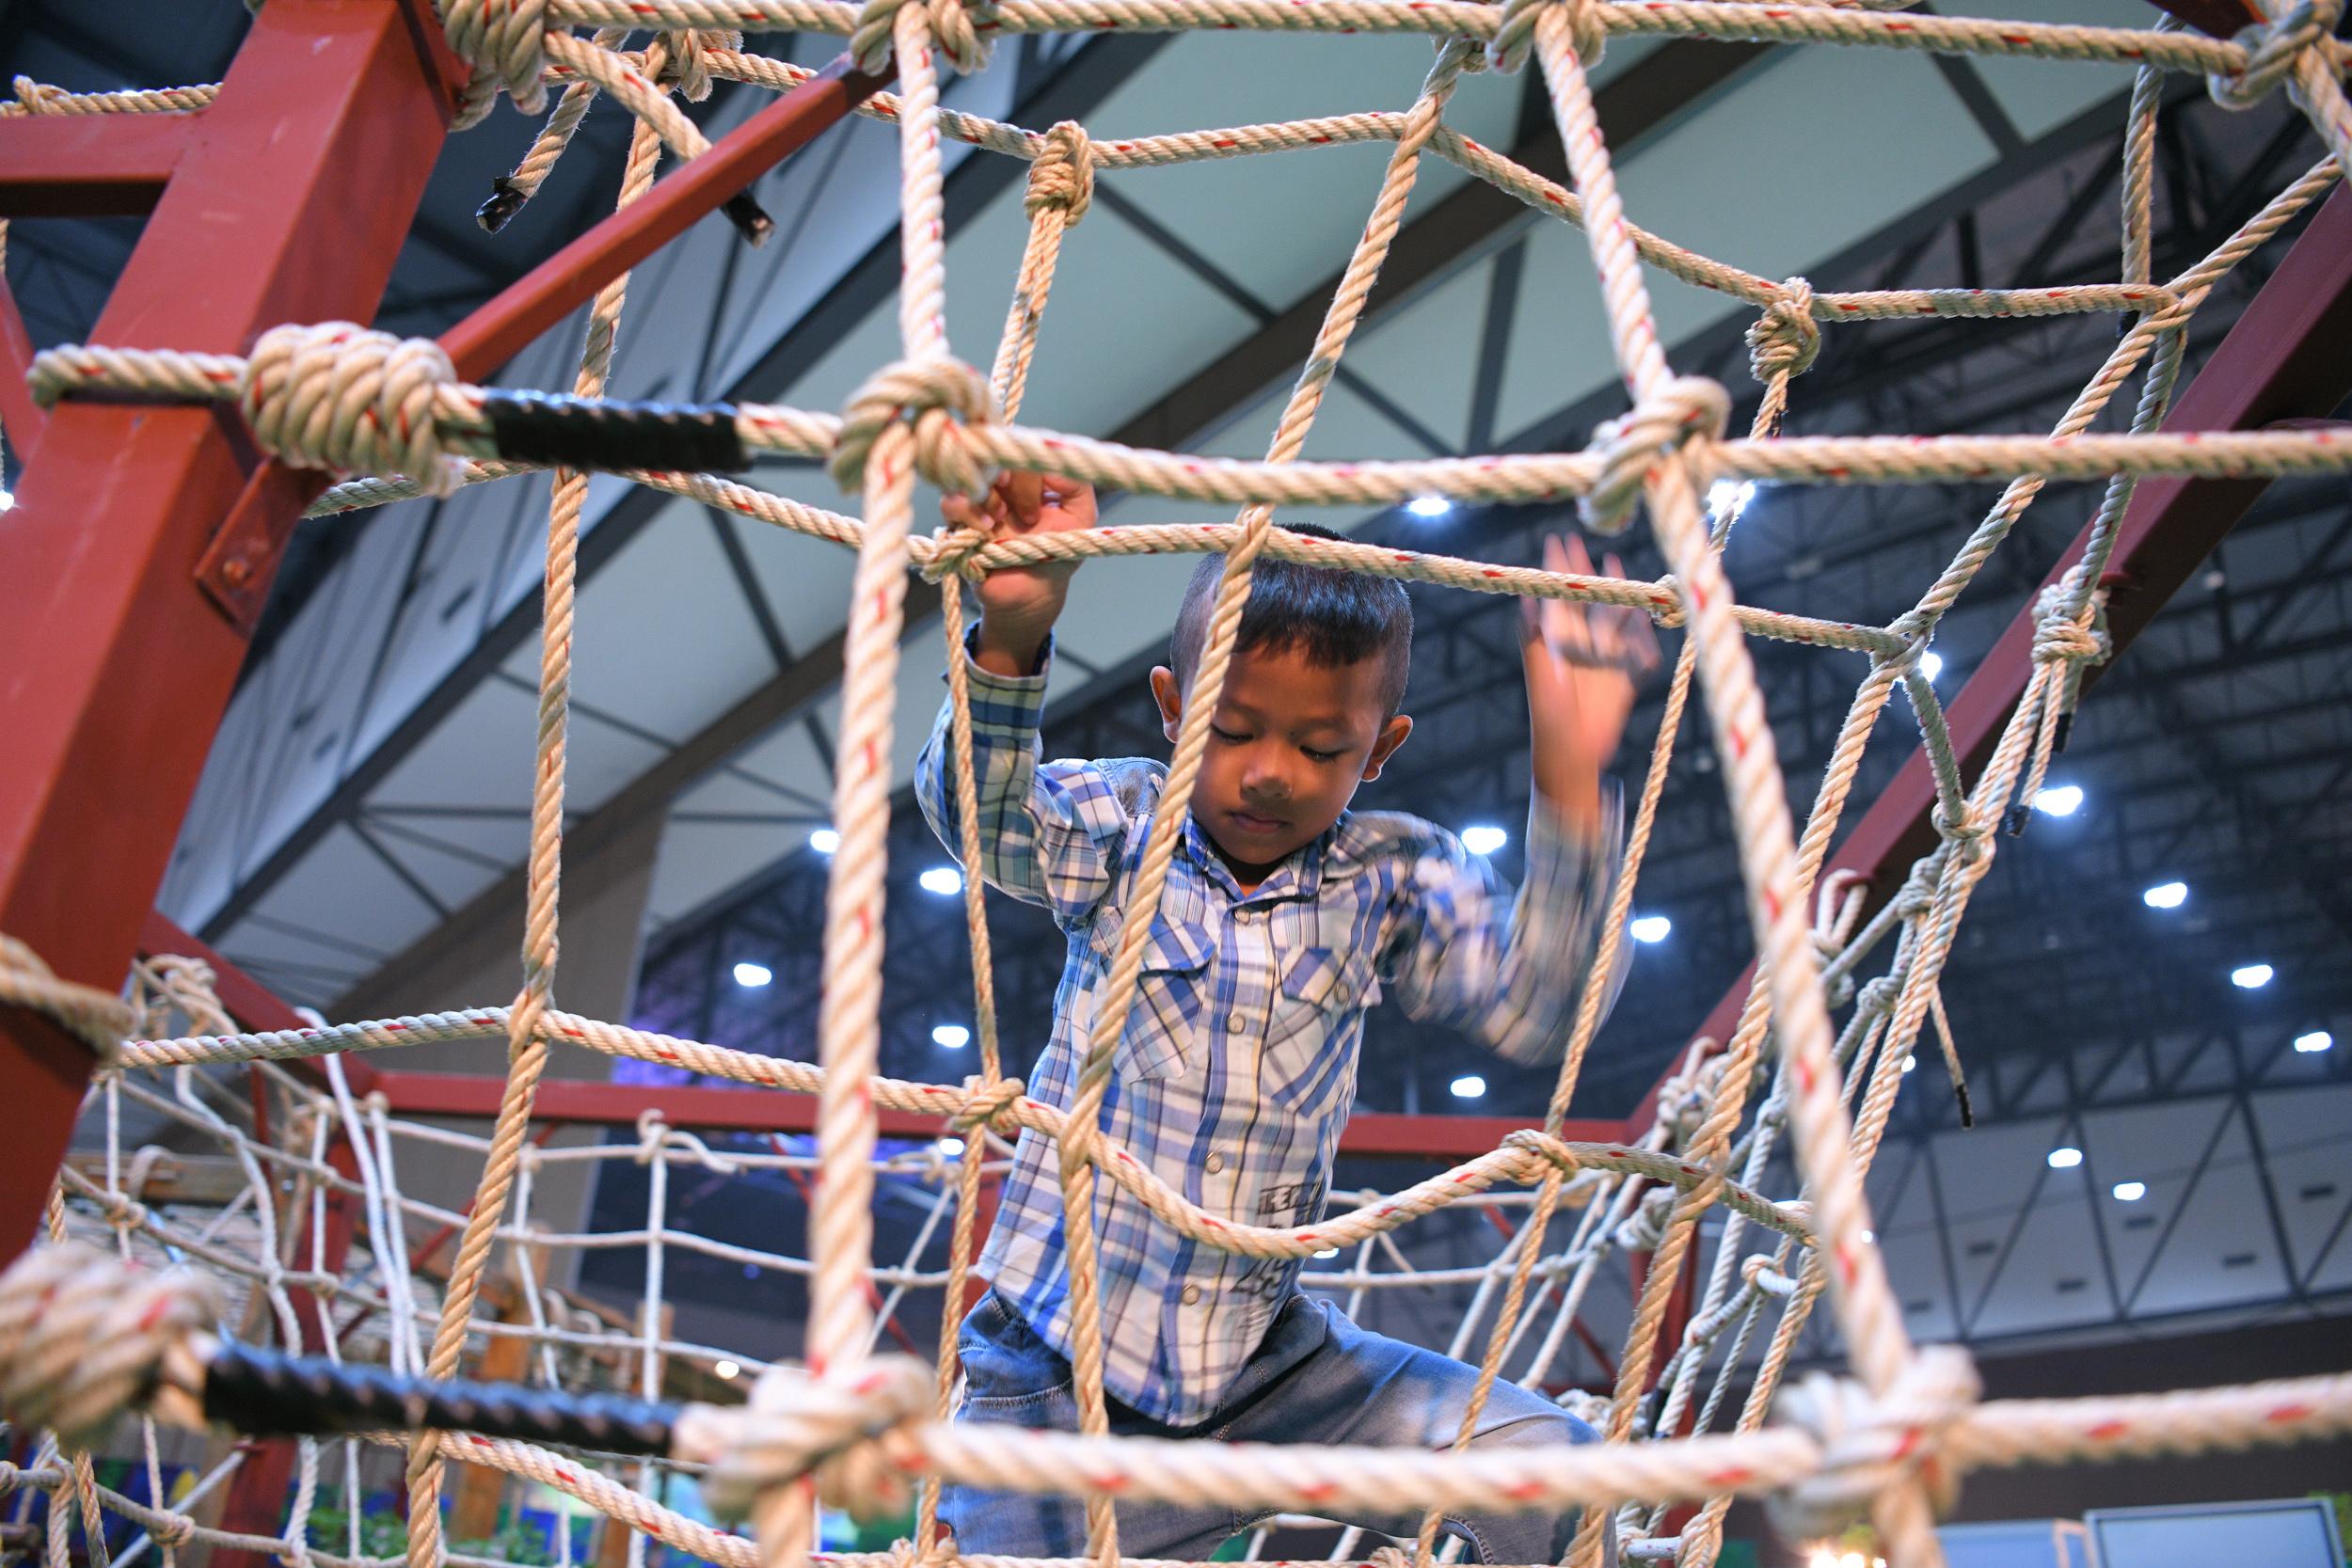 สนามเด็กเล่นสร้างปัญญา นวัตกรรมกระตุ้นพัฒนาการเด็กปฐมวัย thaihealth